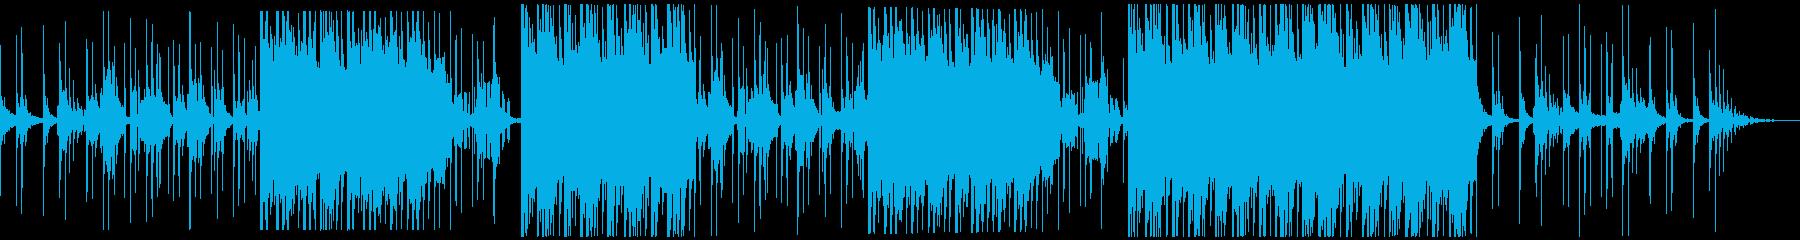 【生アコギ】セツナ美しいトロピカルハウスの再生済みの波形